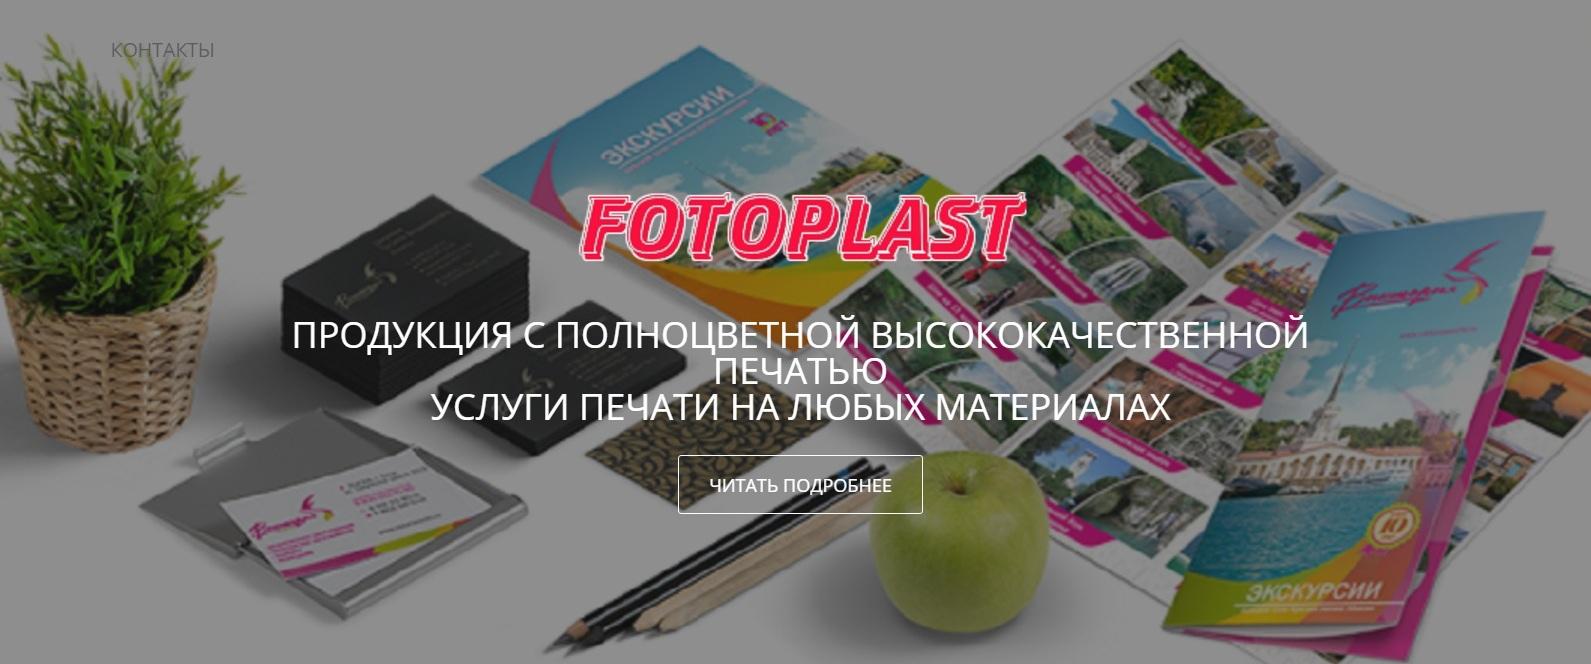 ПЕЧАТЬ ФОТОГРАФИЙ и ФОТОКНИГ  печать цифровых фото через